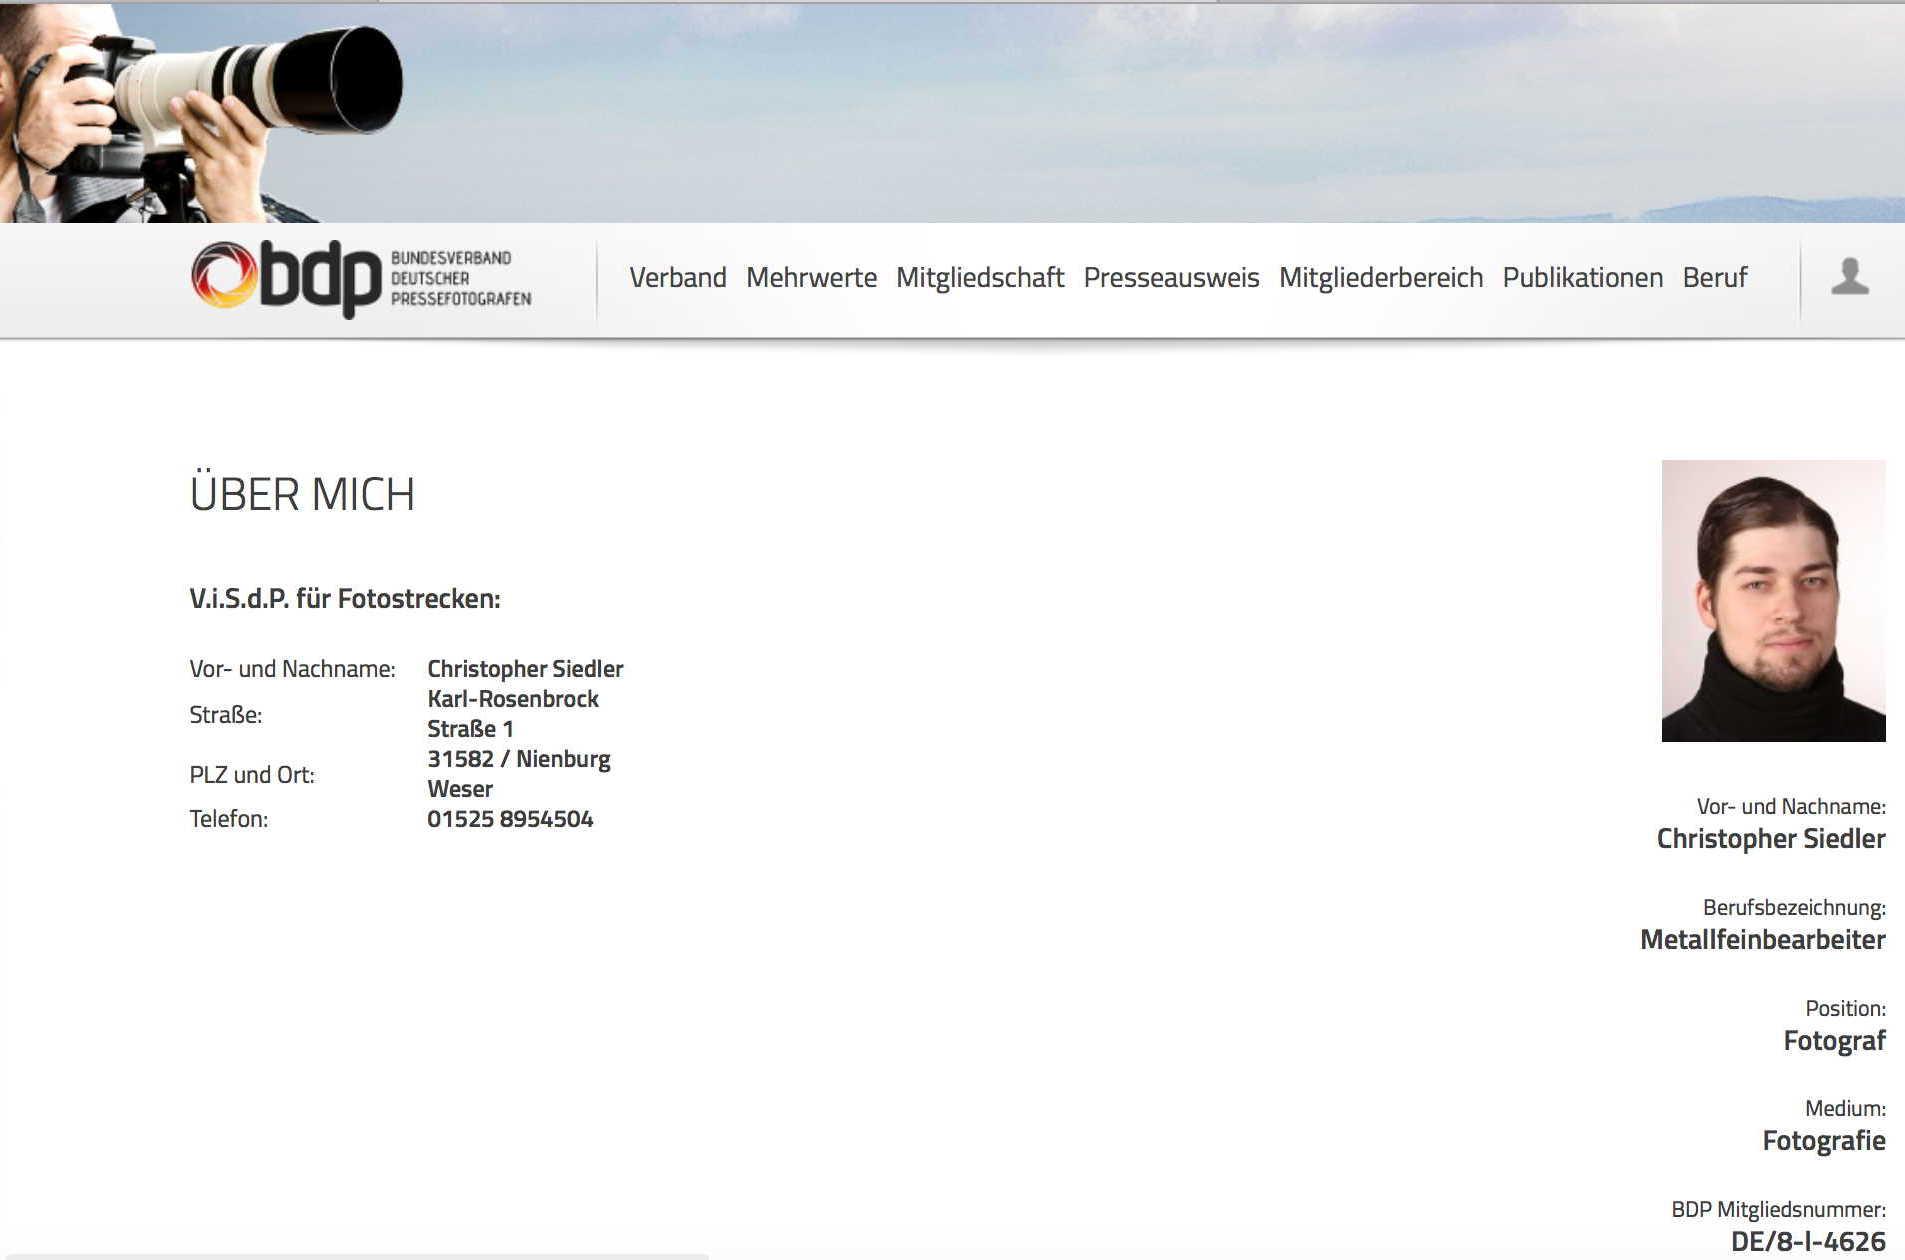 Profil von Siedler auf Bundesverband Deutscher Pressefotografen  Screenshot: b-dp.de